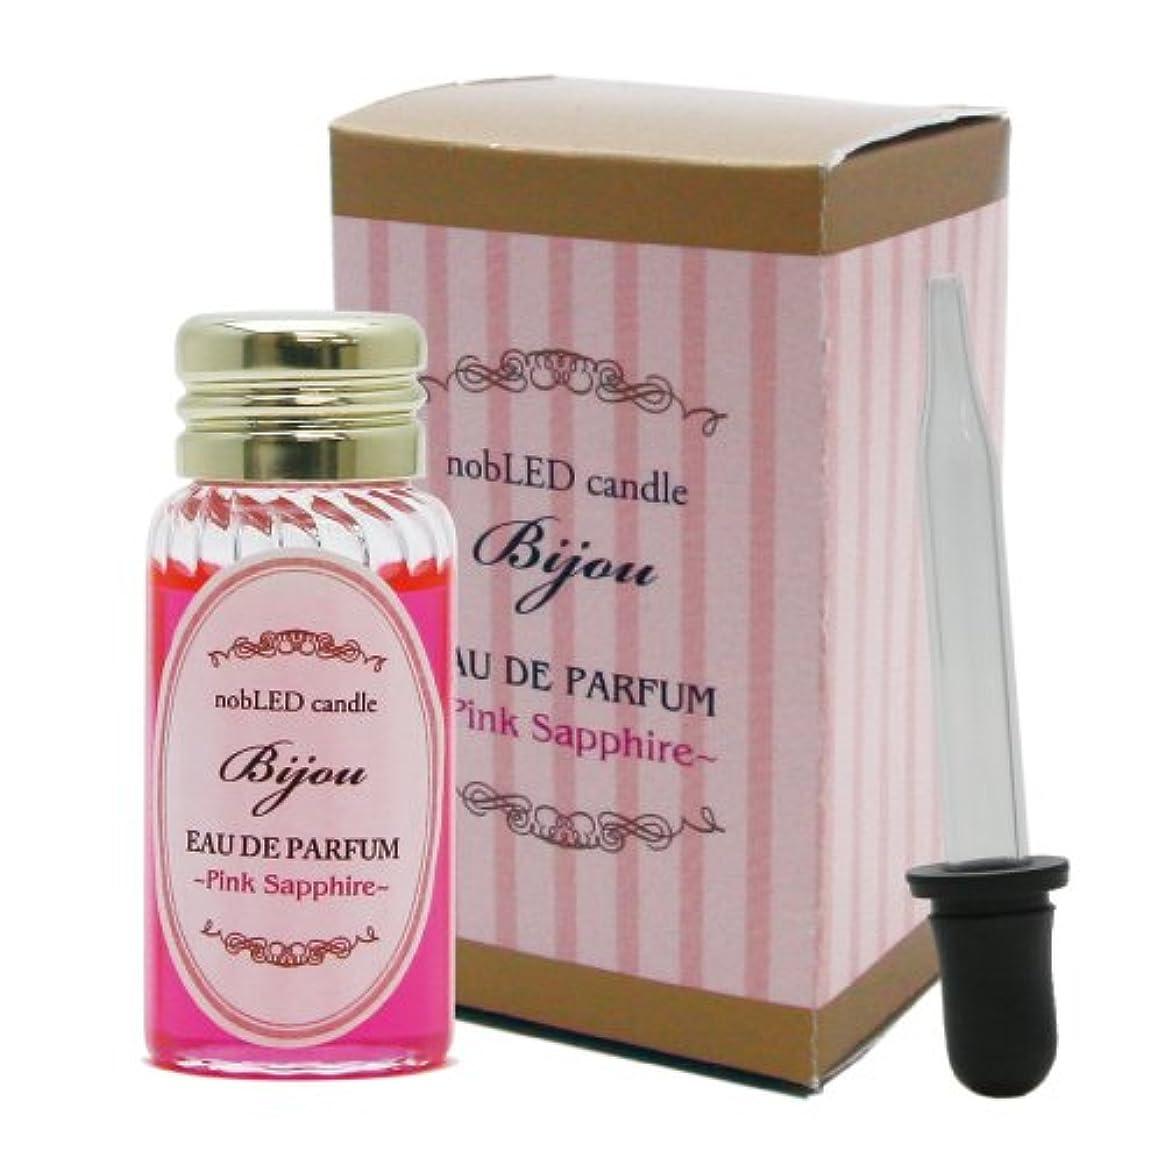 エイリアン行商警戒nobLED candle Bijou EAU DE PARFUM ブレンドオイル ピンクサファイア Pink Sapphire ノーブレッド キャンドル ビジュー オードパルファム